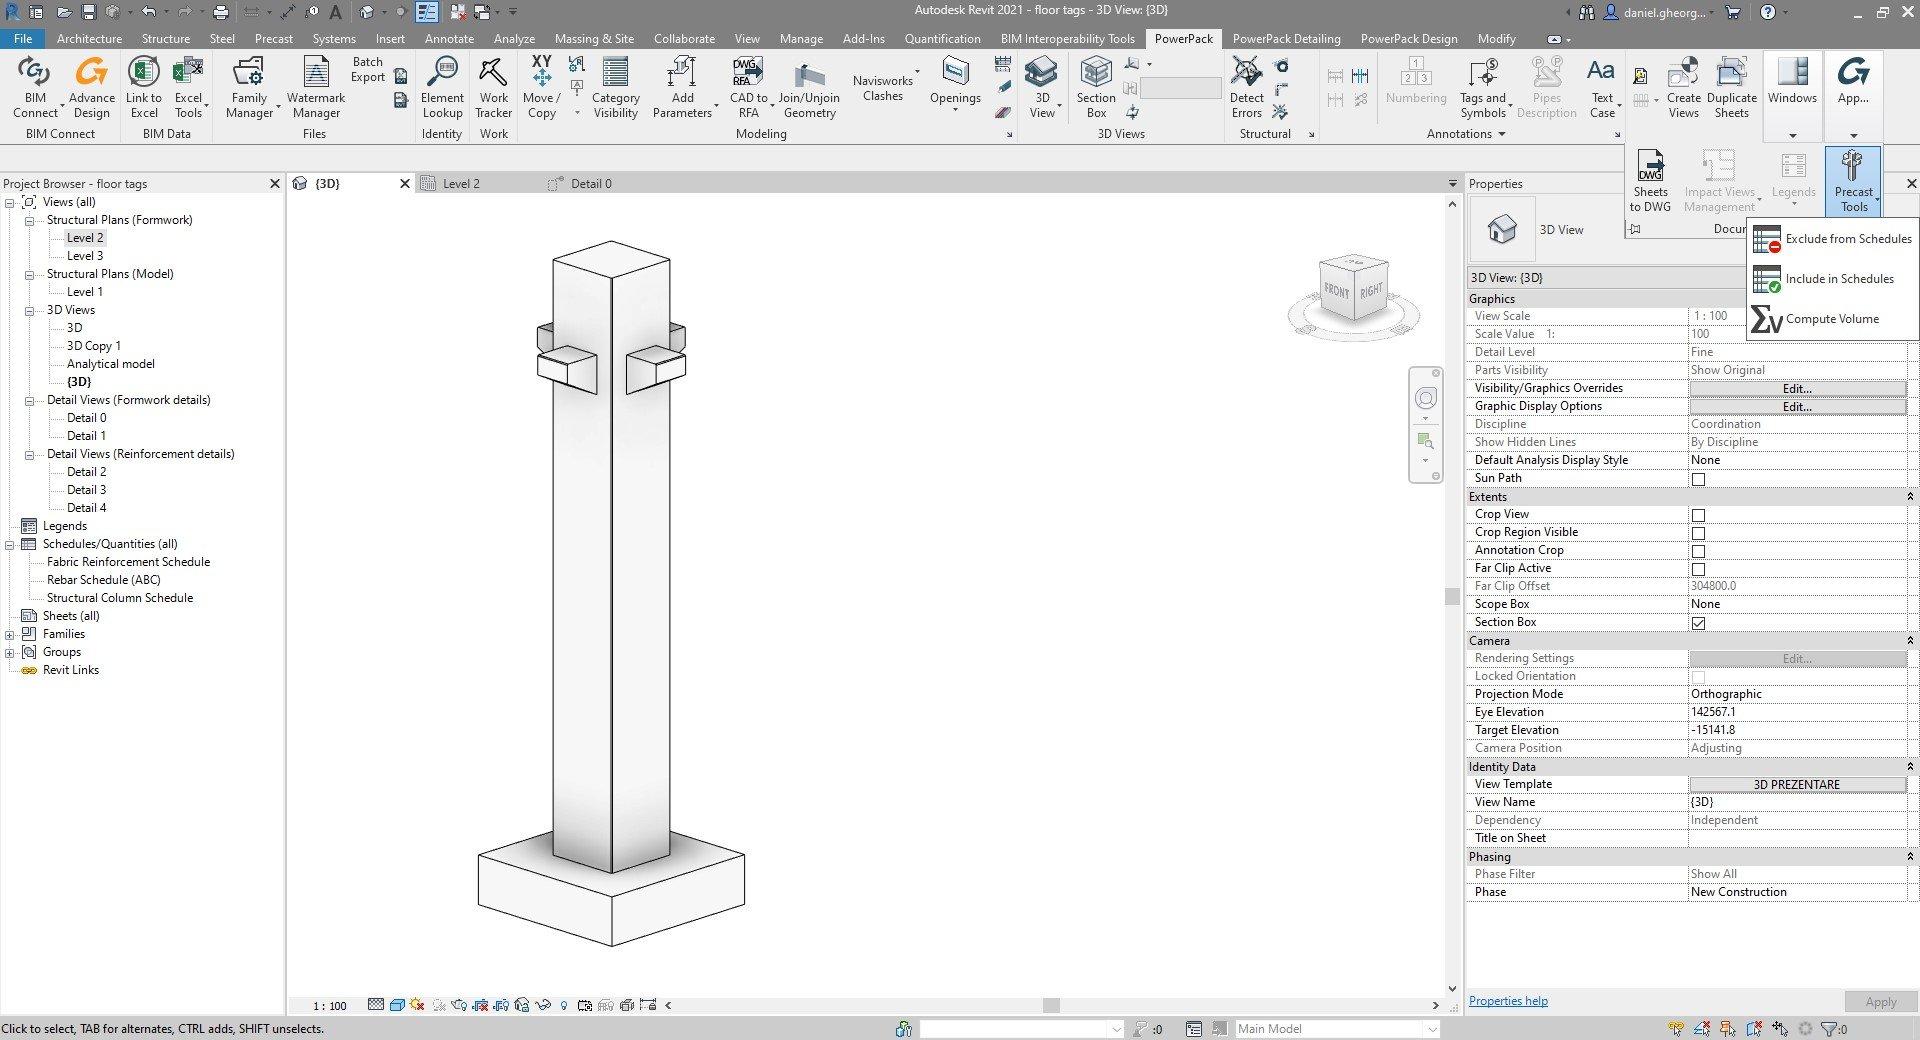 Powerpack Revit - Elemente prefabricate